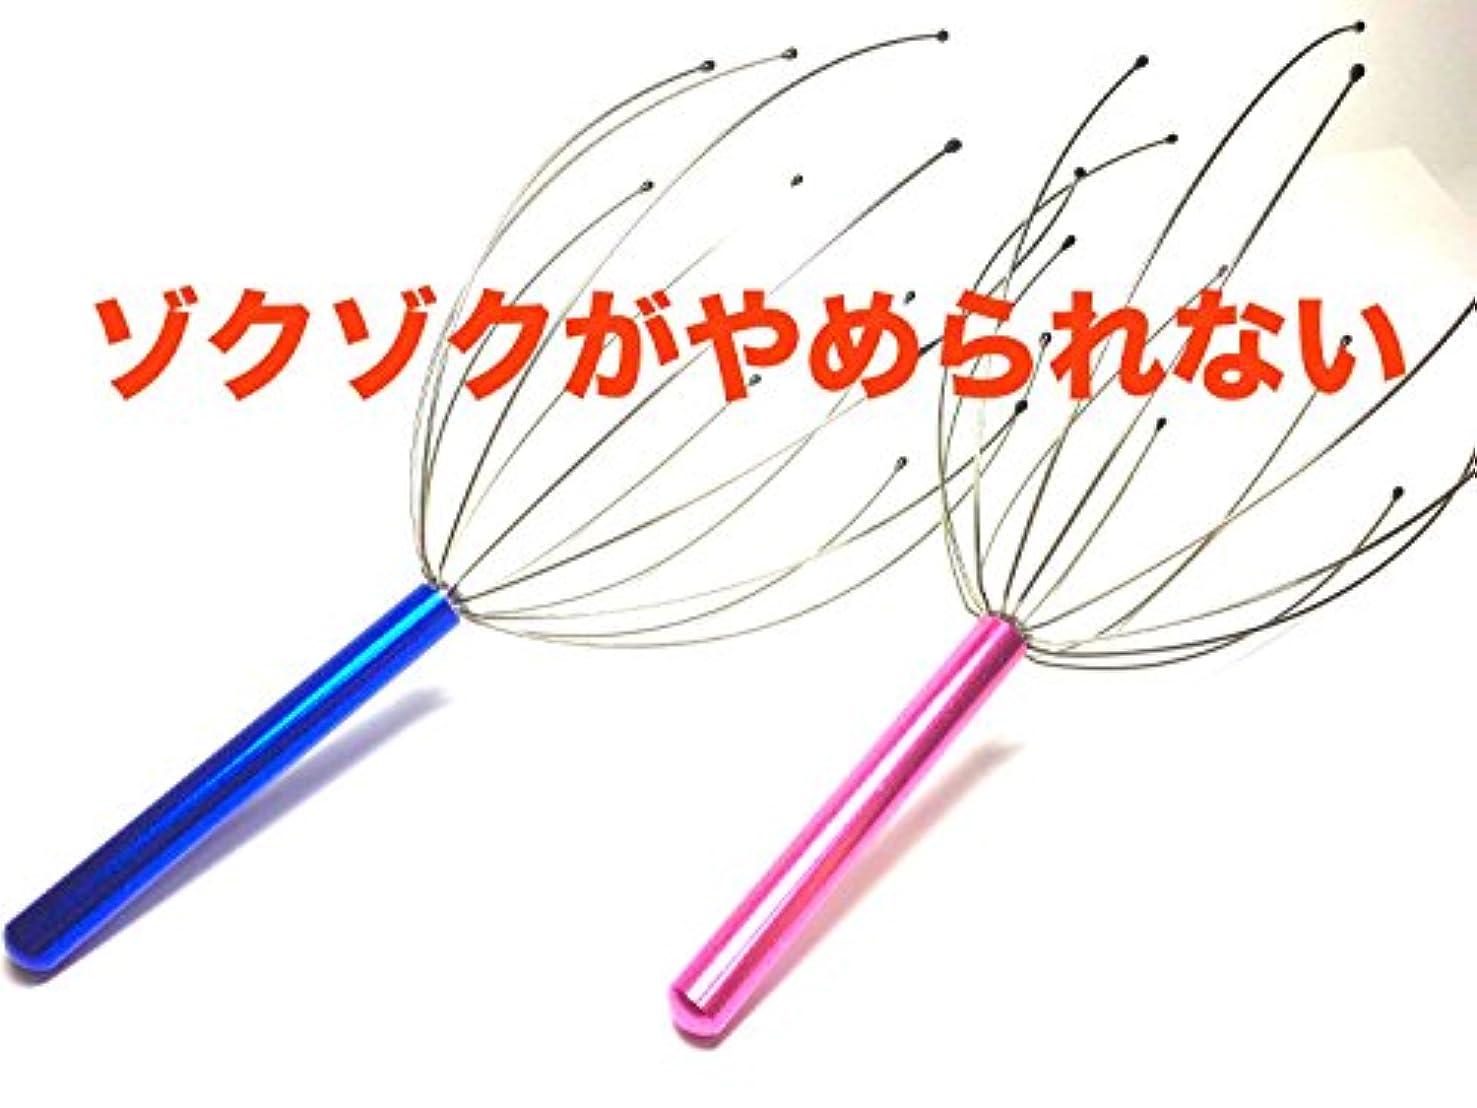 アスペクトリール置換[NET-O]快感 ヘッドマッサージャー 極楽マッサージ (3本)…